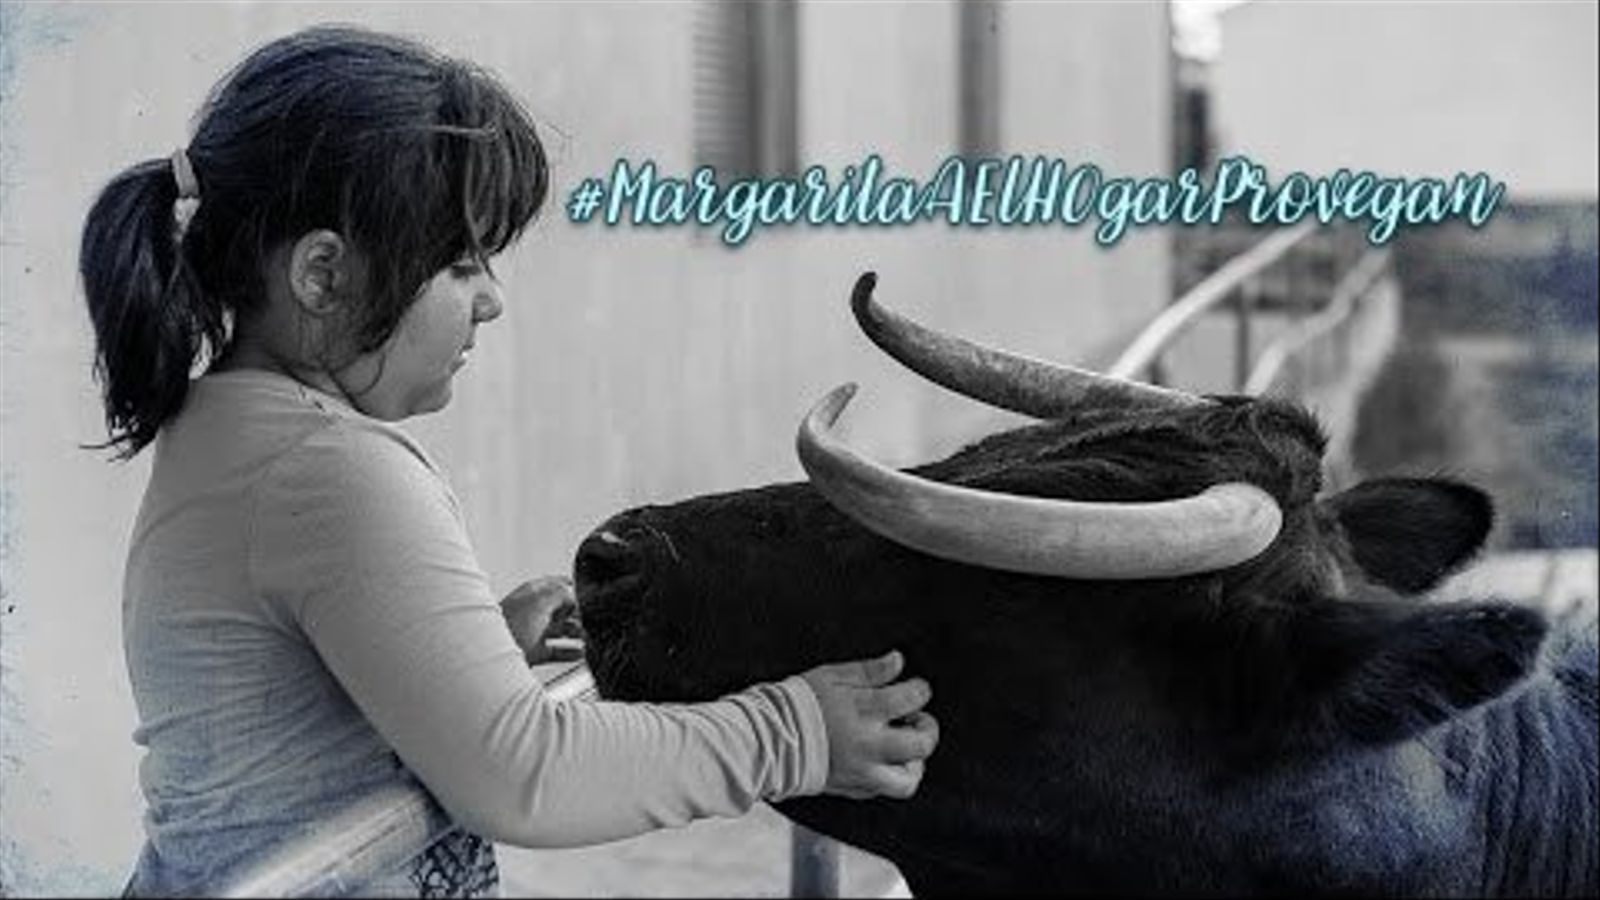 Les analítiques de la vaca Margarita conclouen que està sana